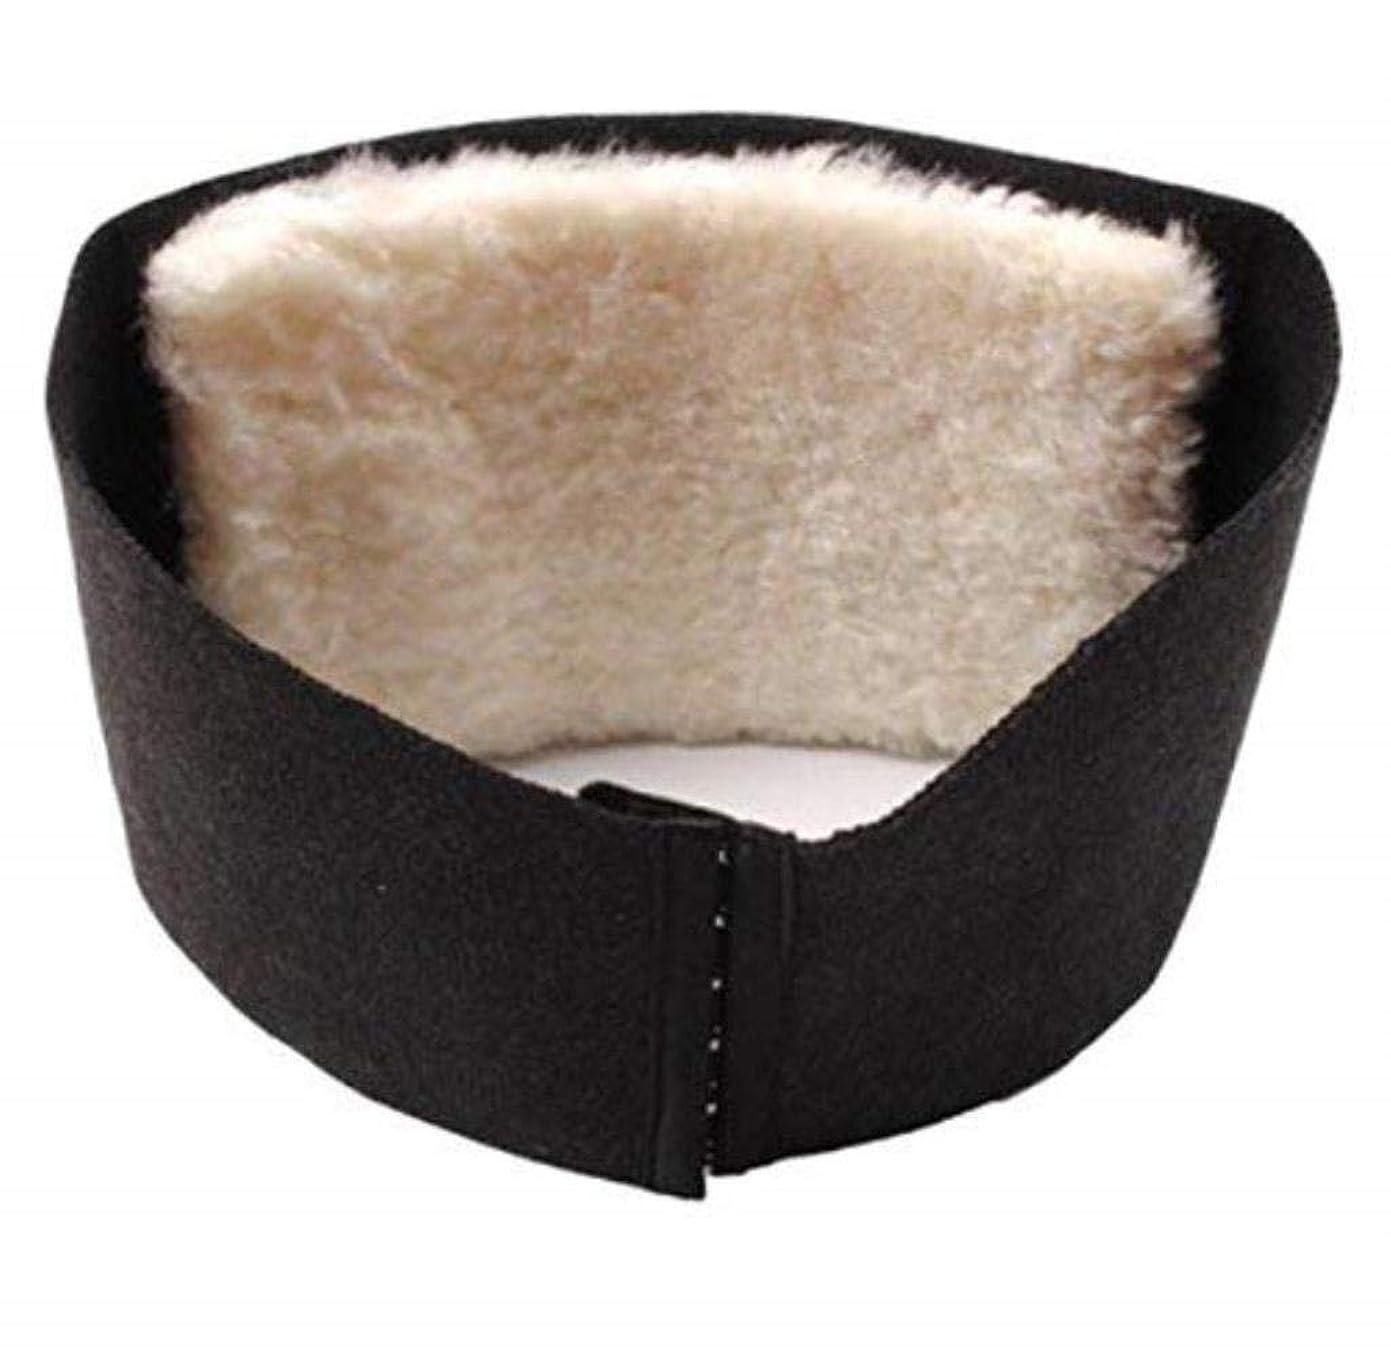 砂漠説明する祖先スポーツ/仕事/フィットネスに適したウエスト暖かいベルト、ウール医療ウエストサポートベルト、暖かい腰のサポート、